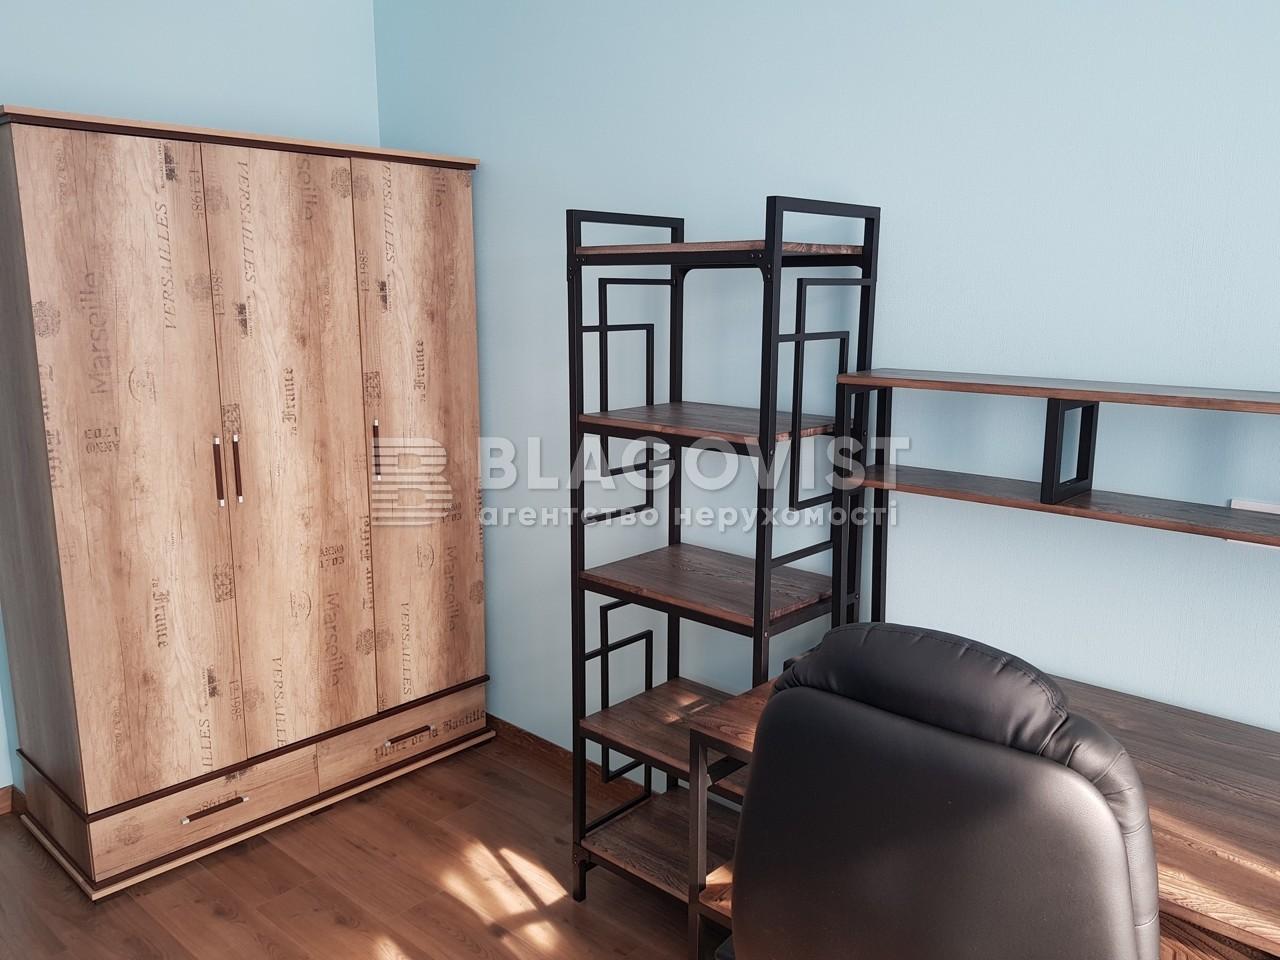 Квартира R-39148, Дмитриевская, 82, Киев - Фото 14